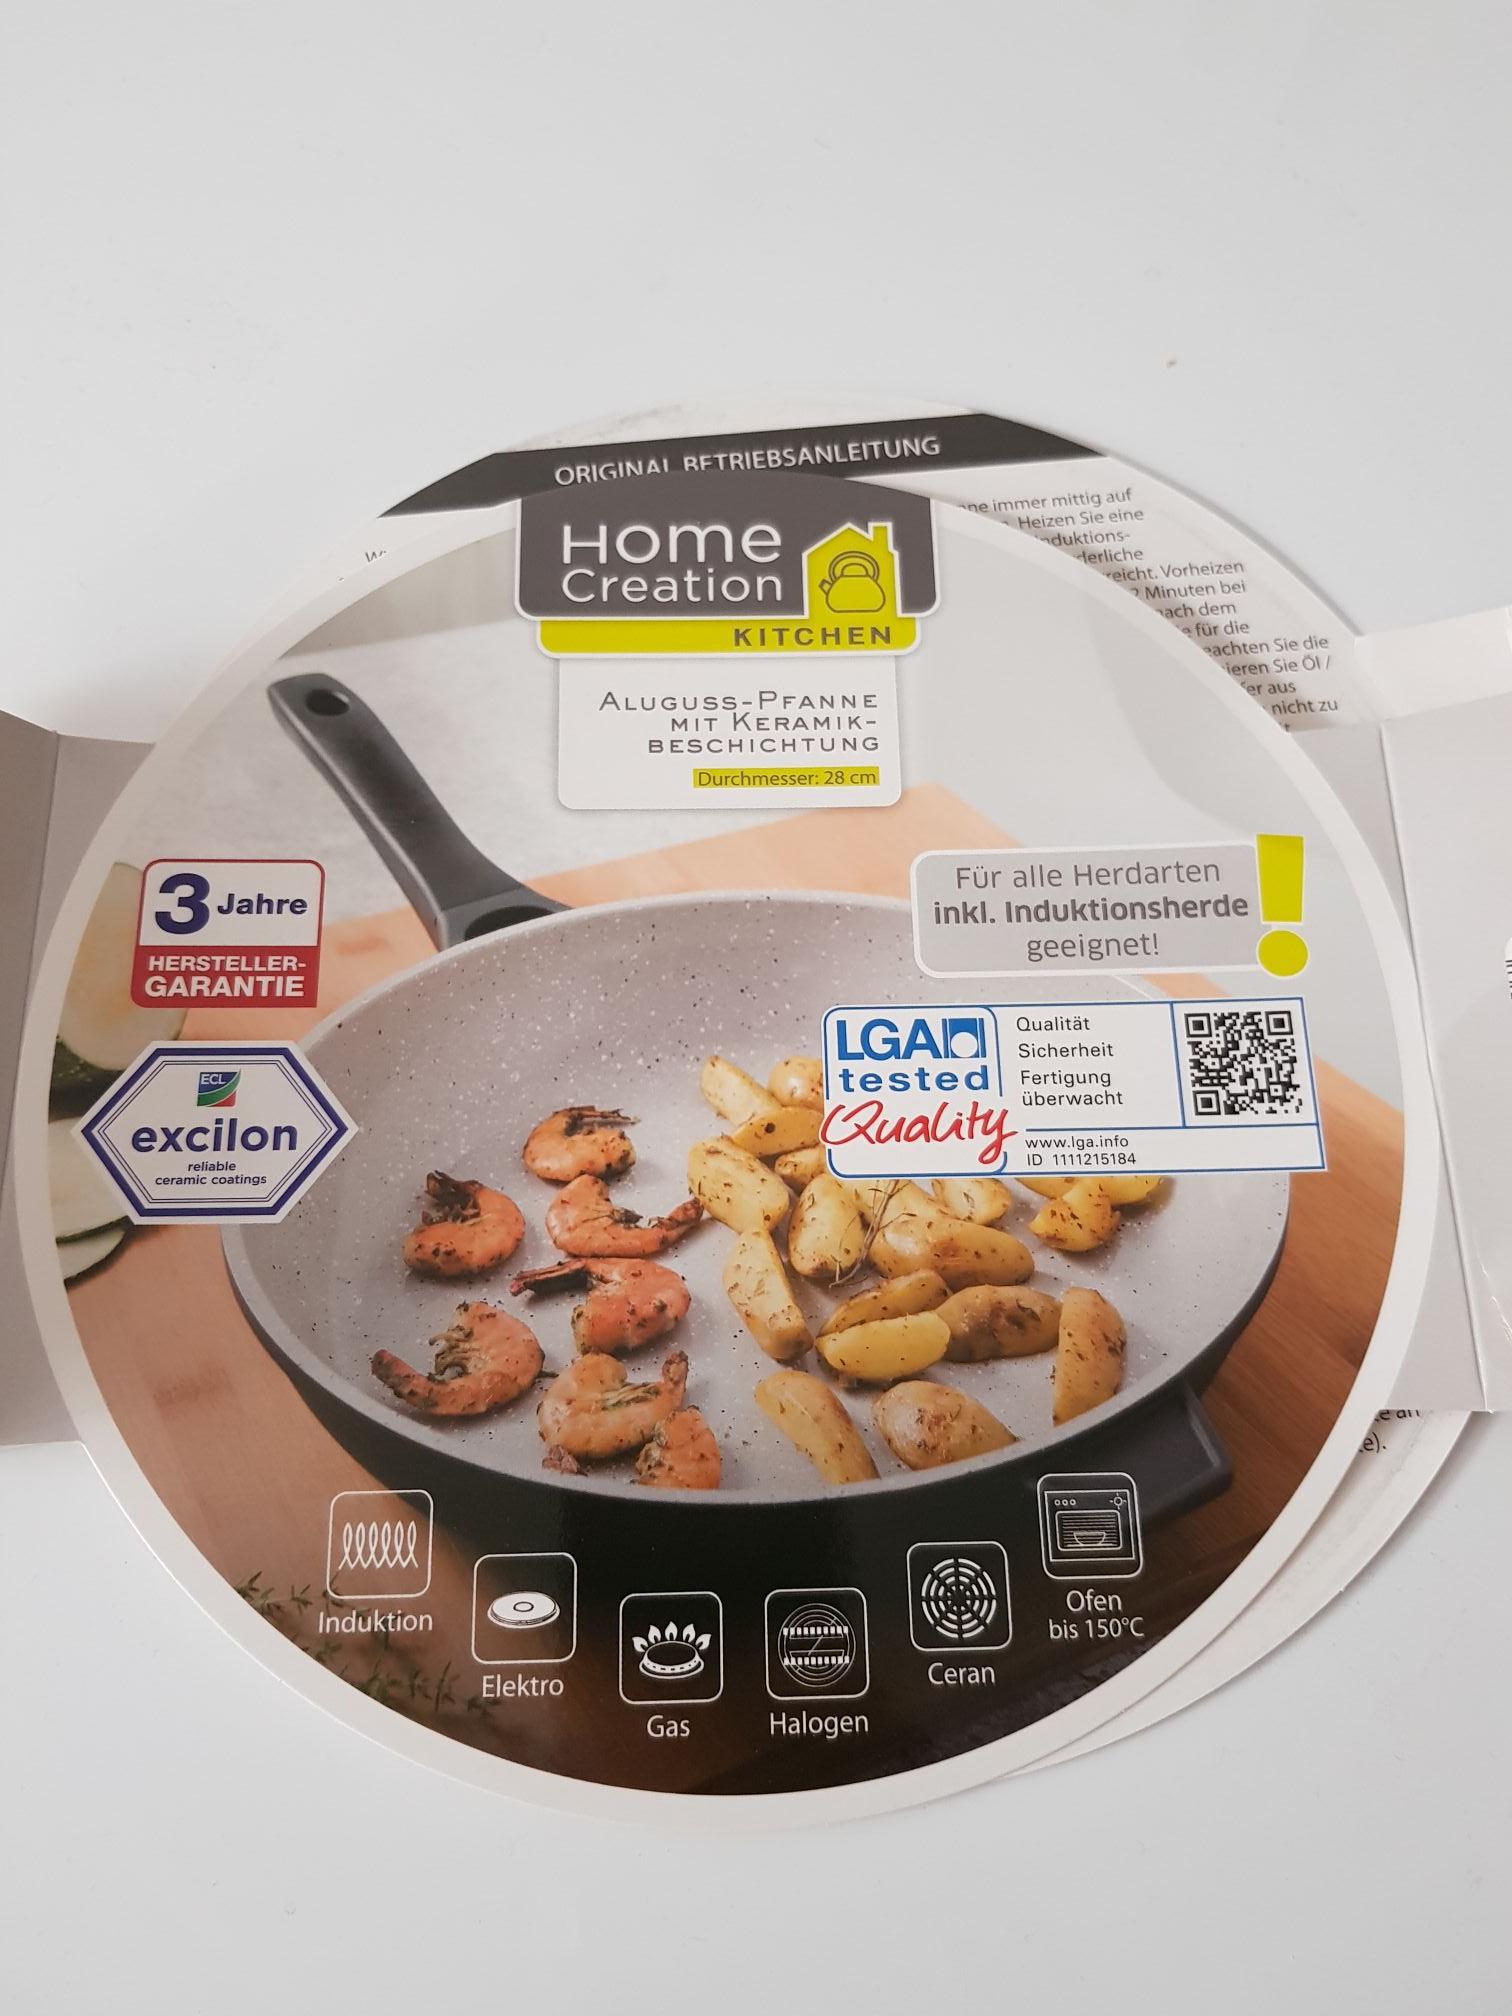 aldi nord home creation kitchen aluguss pfanne mit keramikbeschichtung 28cm. Black Bedroom Furniture Sets. Home Design Ideas